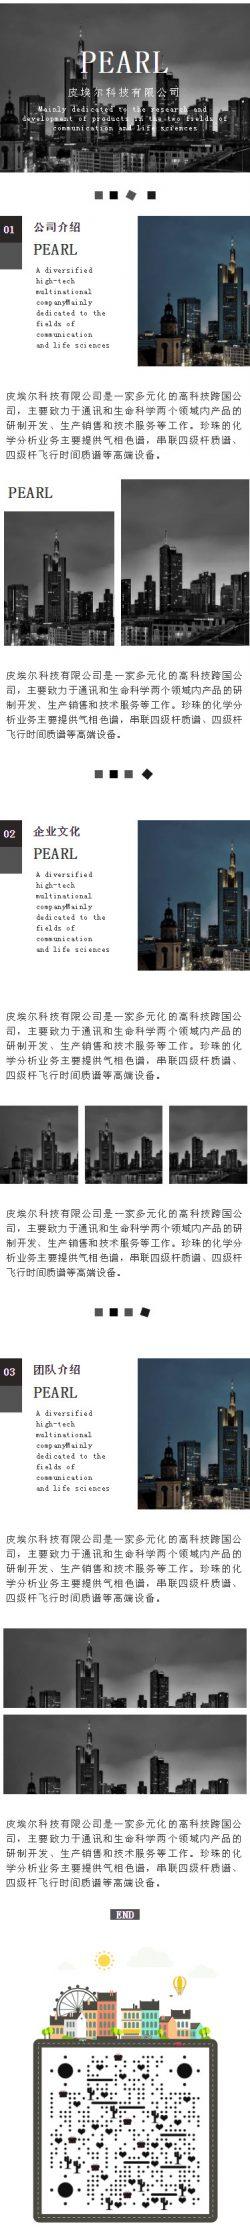 公司介绍公司概况企业文化黑色高端风格模板大气推送图文素材